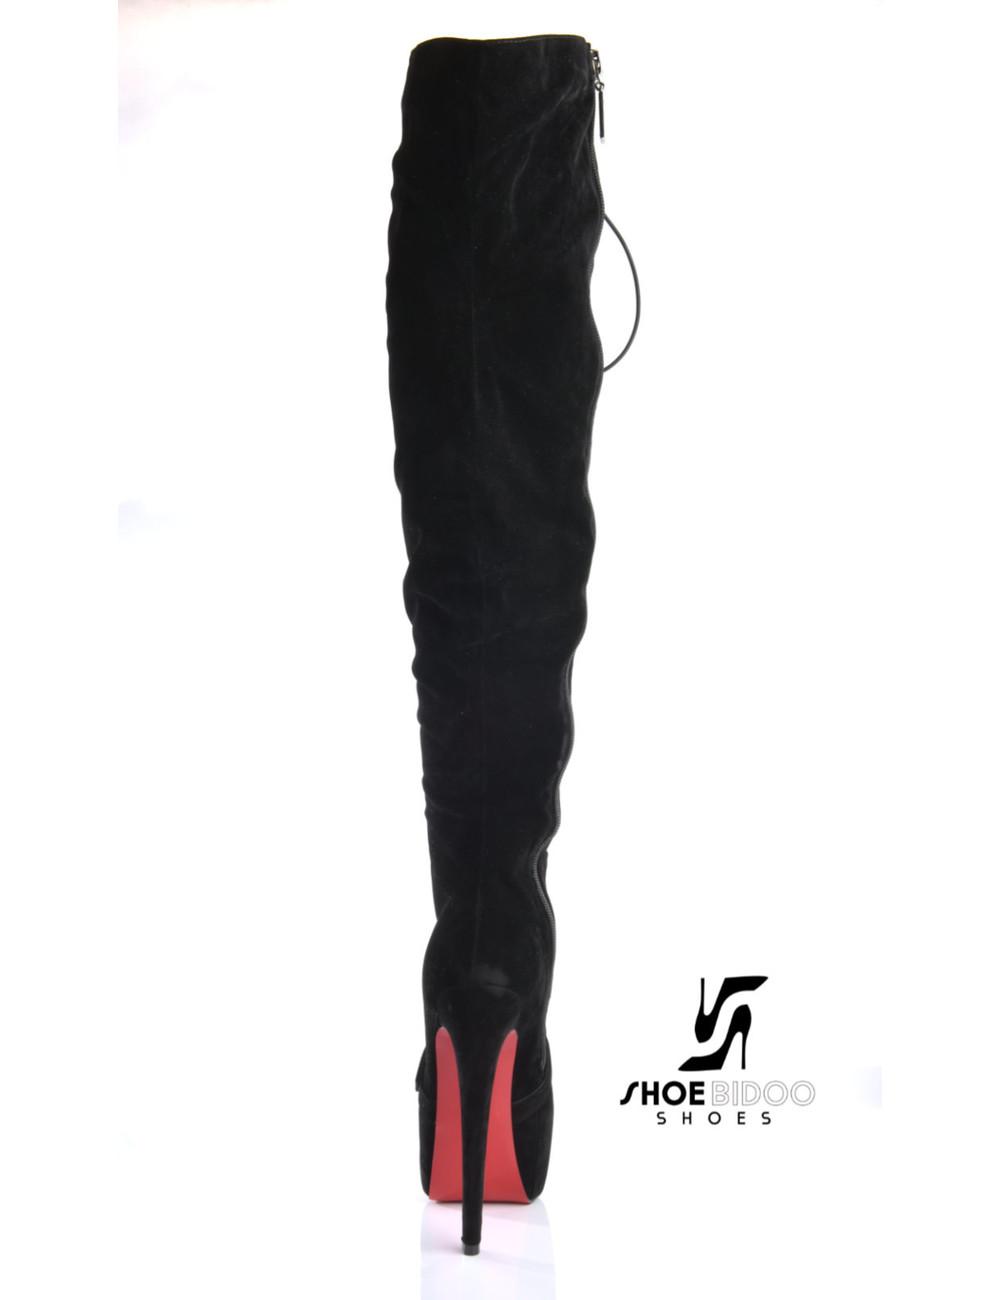 CoCo Schwarze Schnürstiefel mit Gürtel